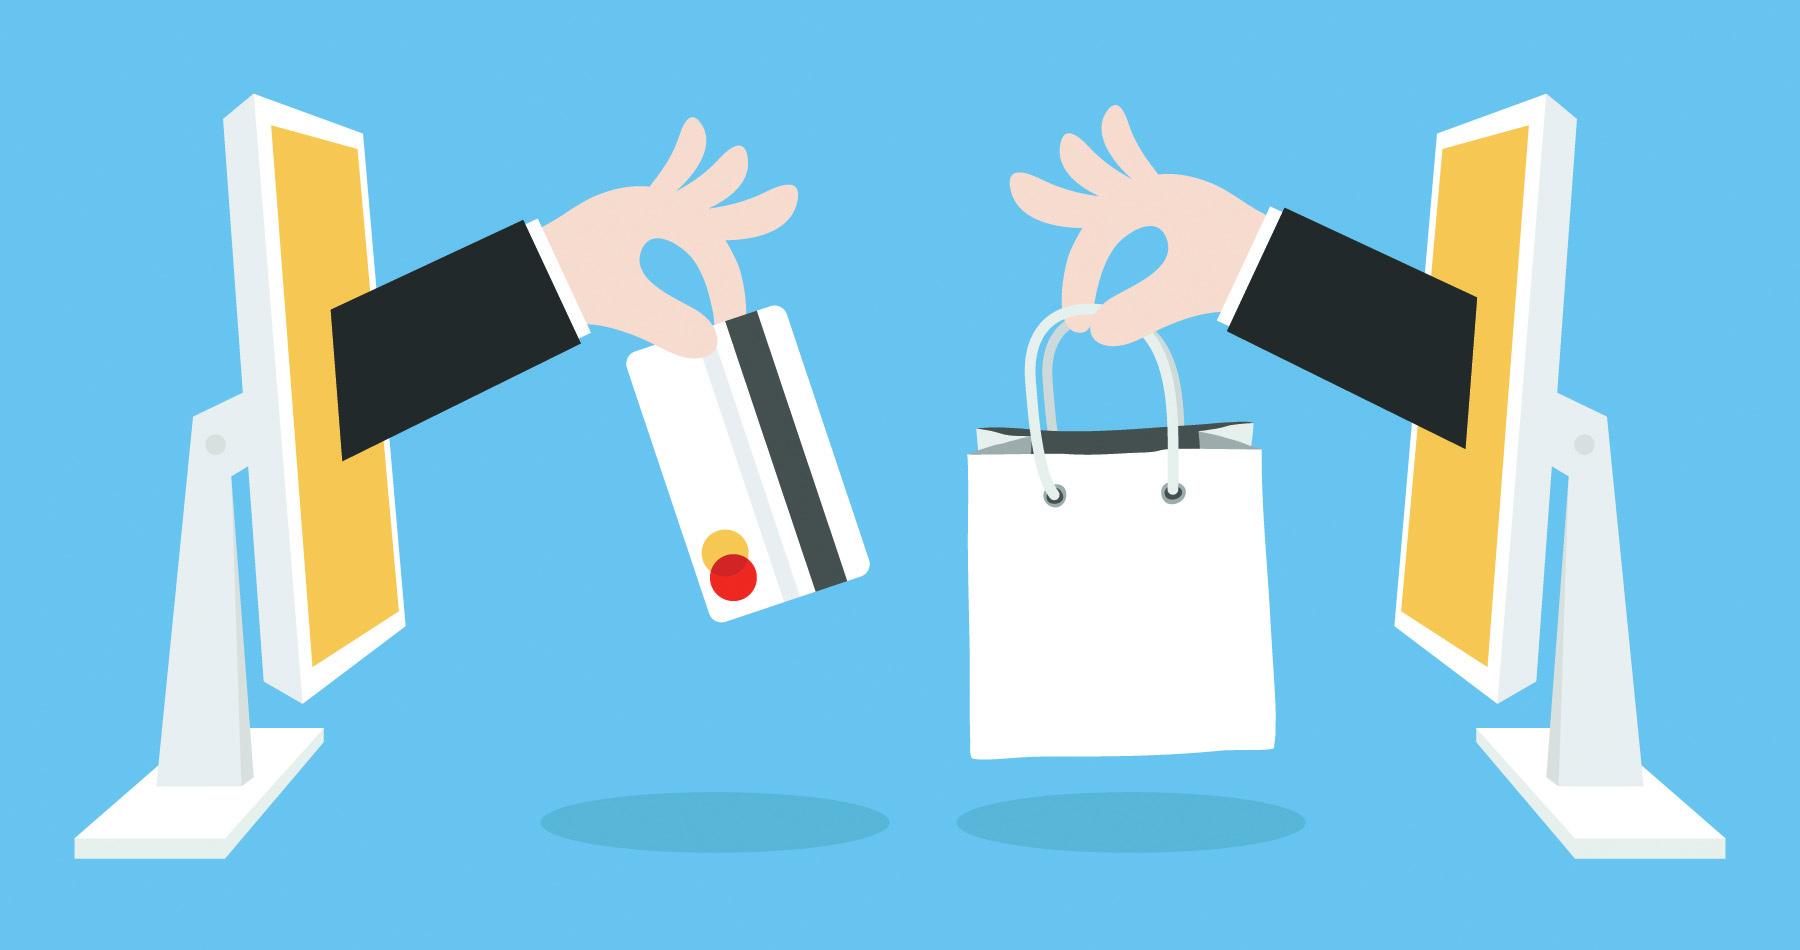 ecommerce-illustration